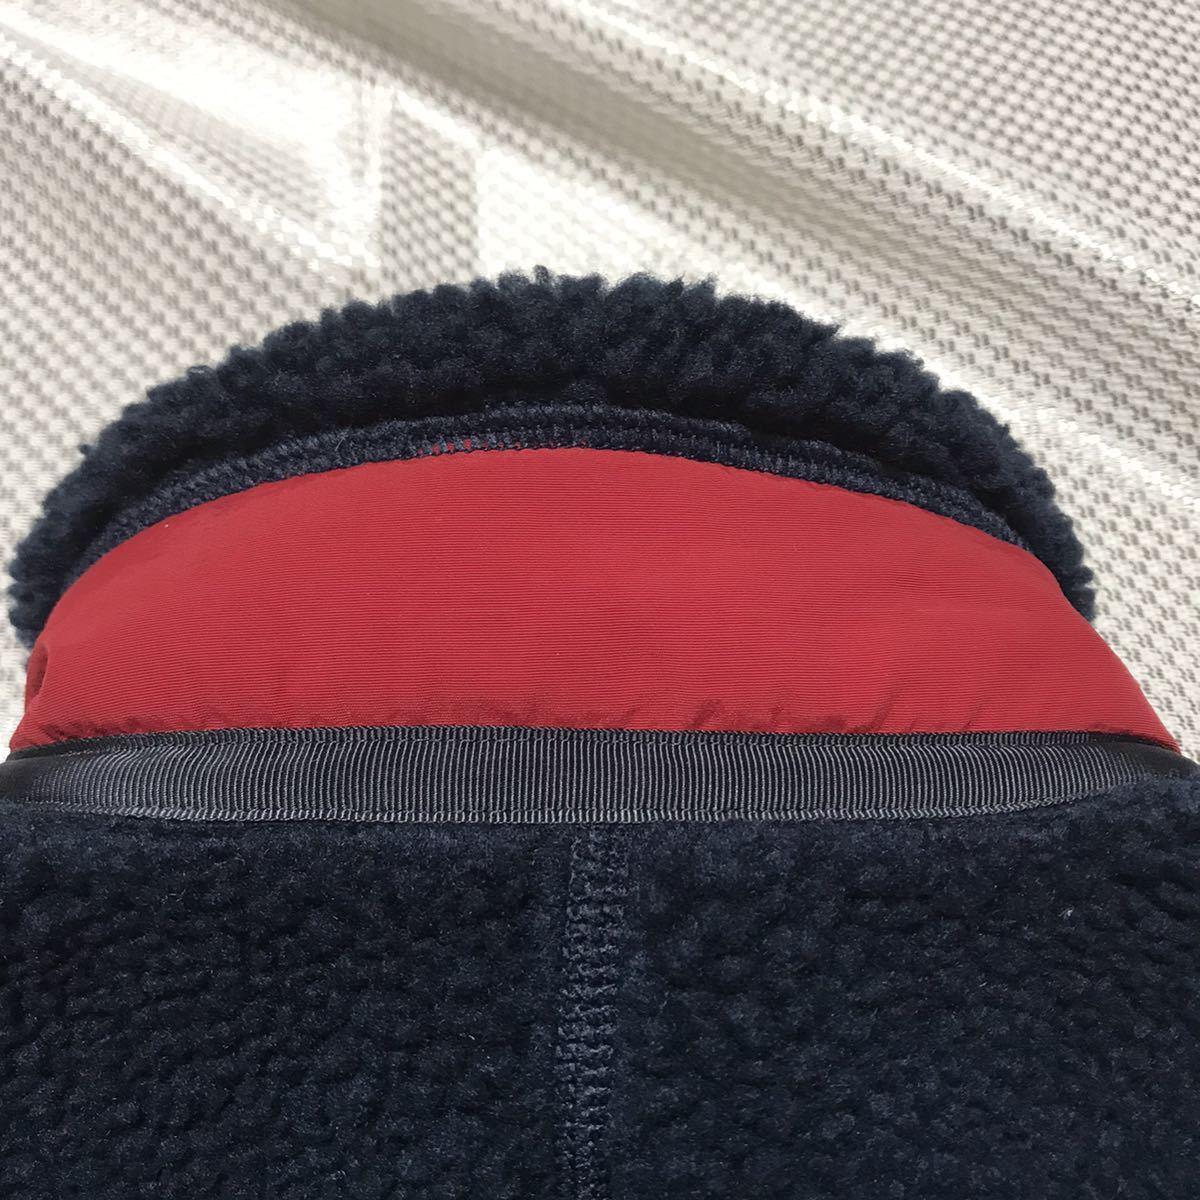 【美品】Patagonia レトロXフリースジャケット ☆メンズXS 普段S~Mの方に☆パタゴニアR1 R2 R3 R4好きに最適☆サイズが合えばレディースも